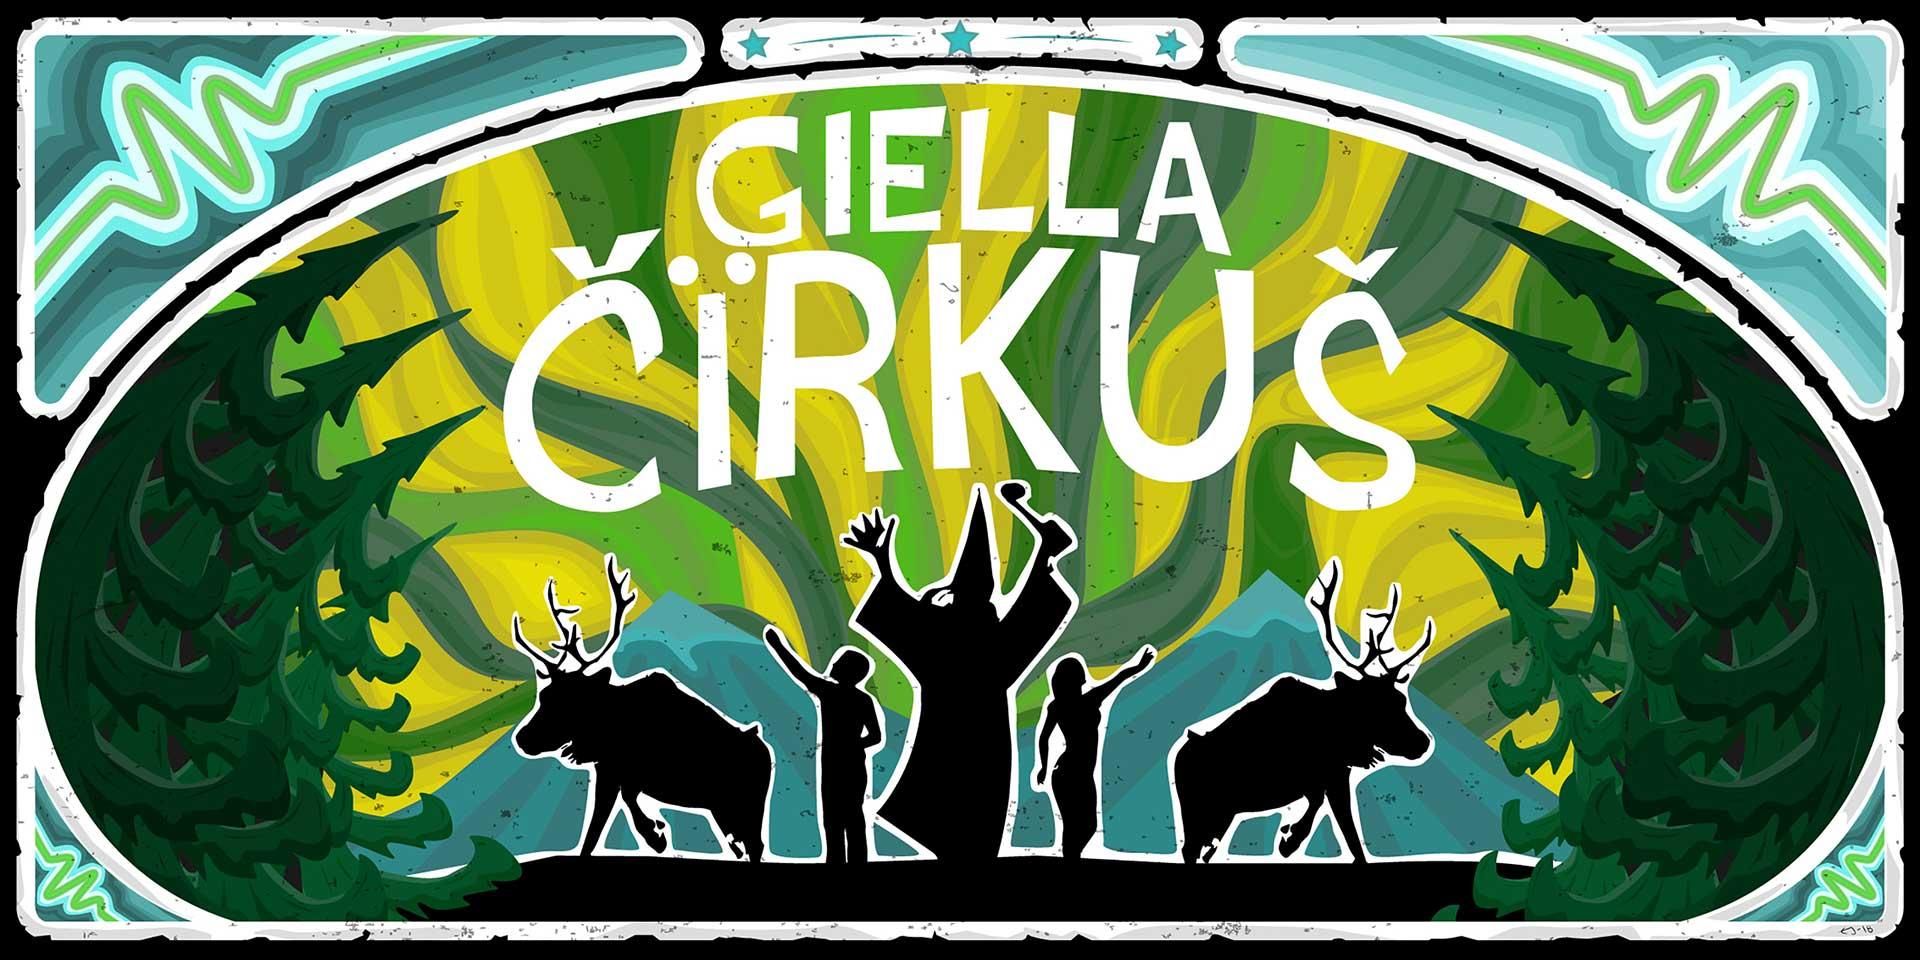 Giella Cirkus